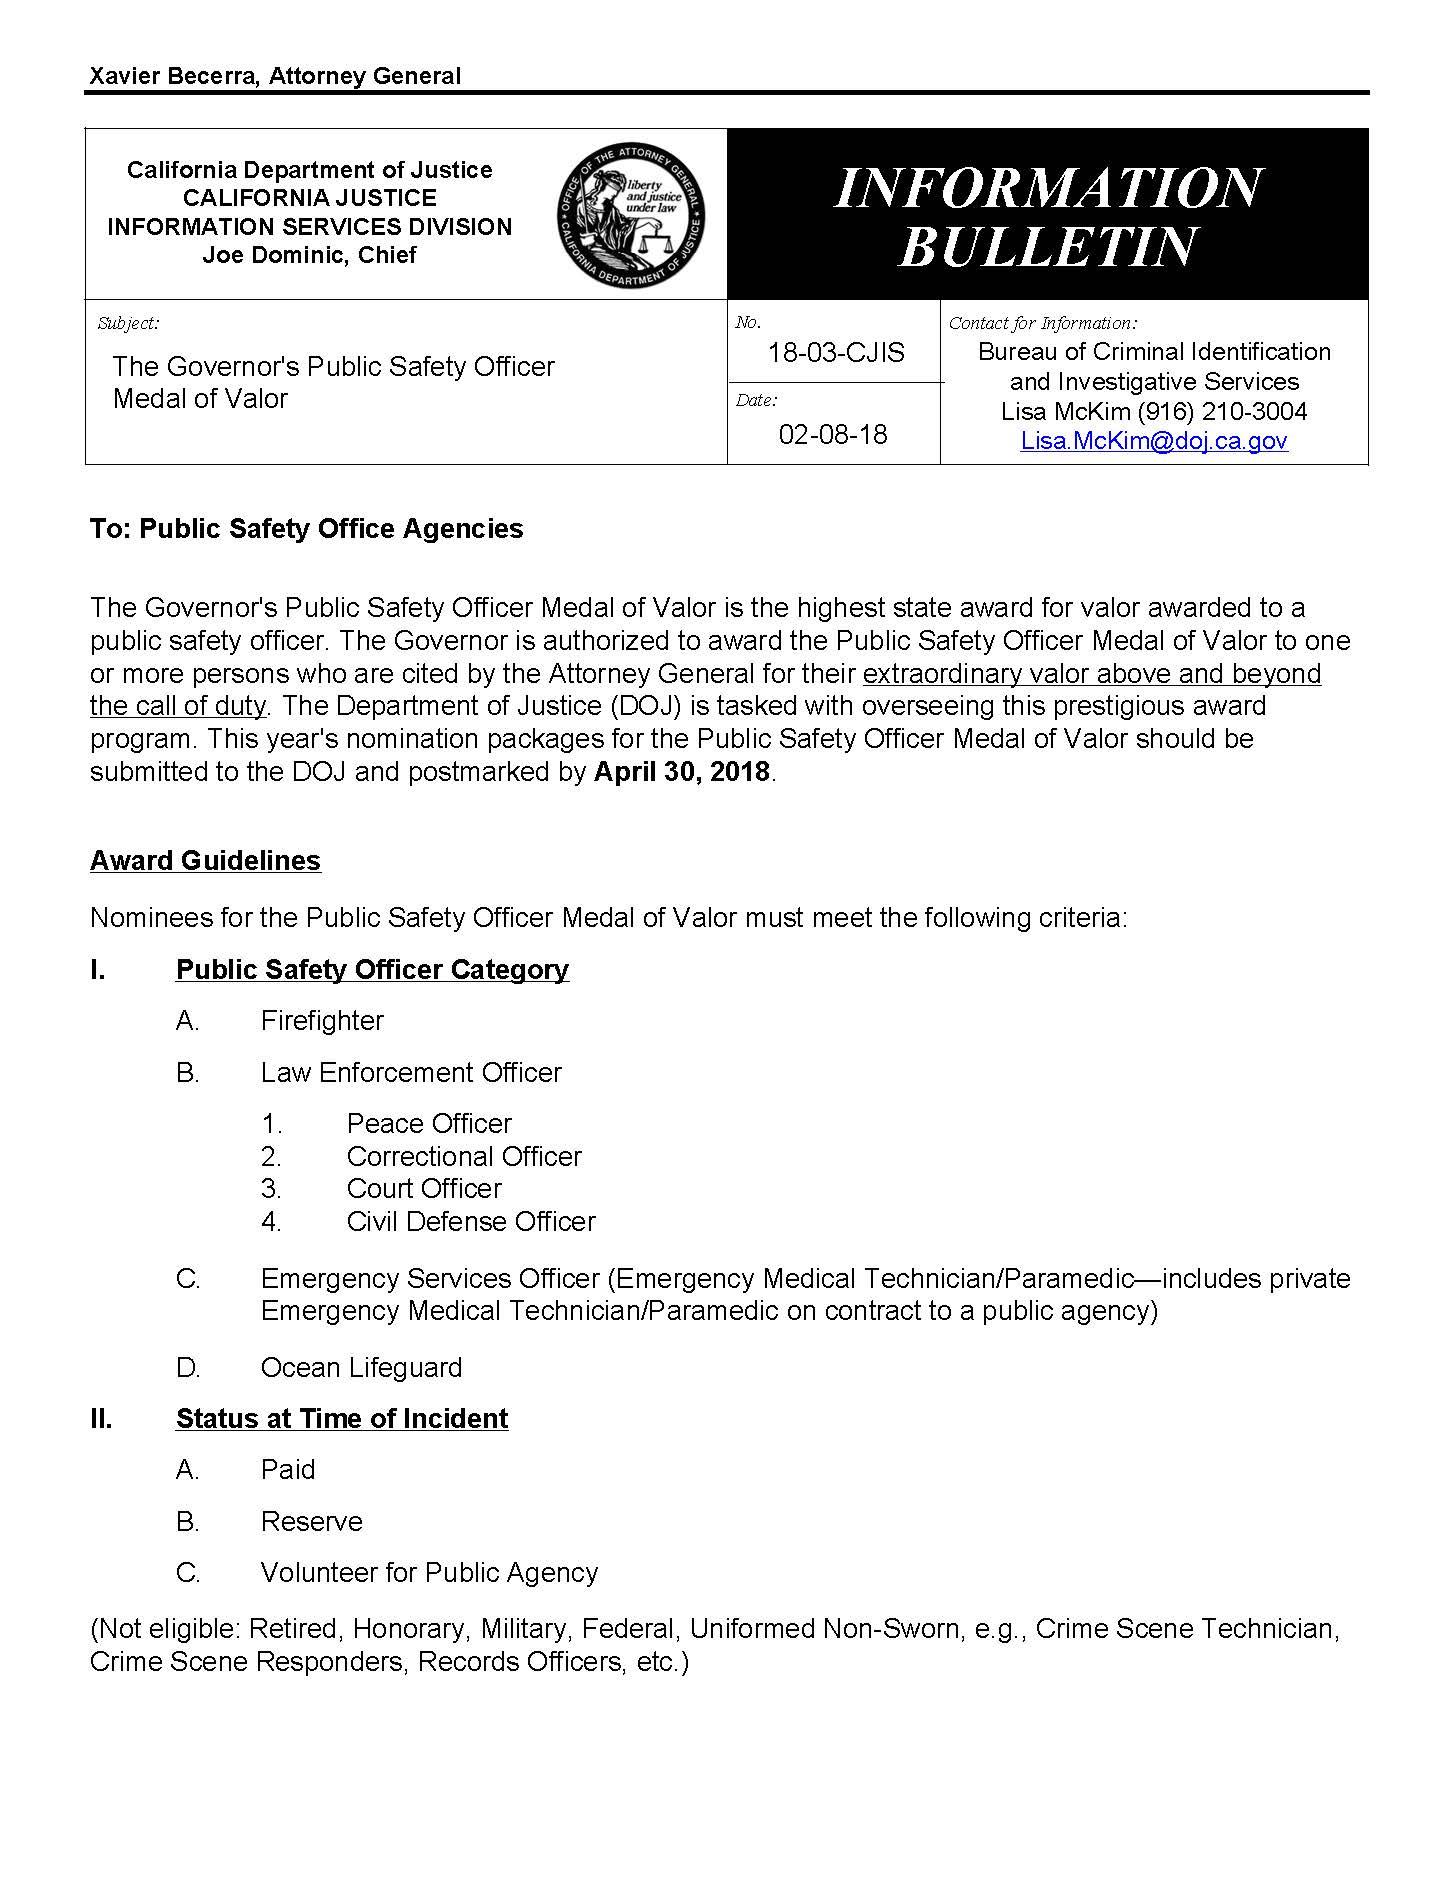 Governor's Public Safety Officer Medal of Valor - PORAC